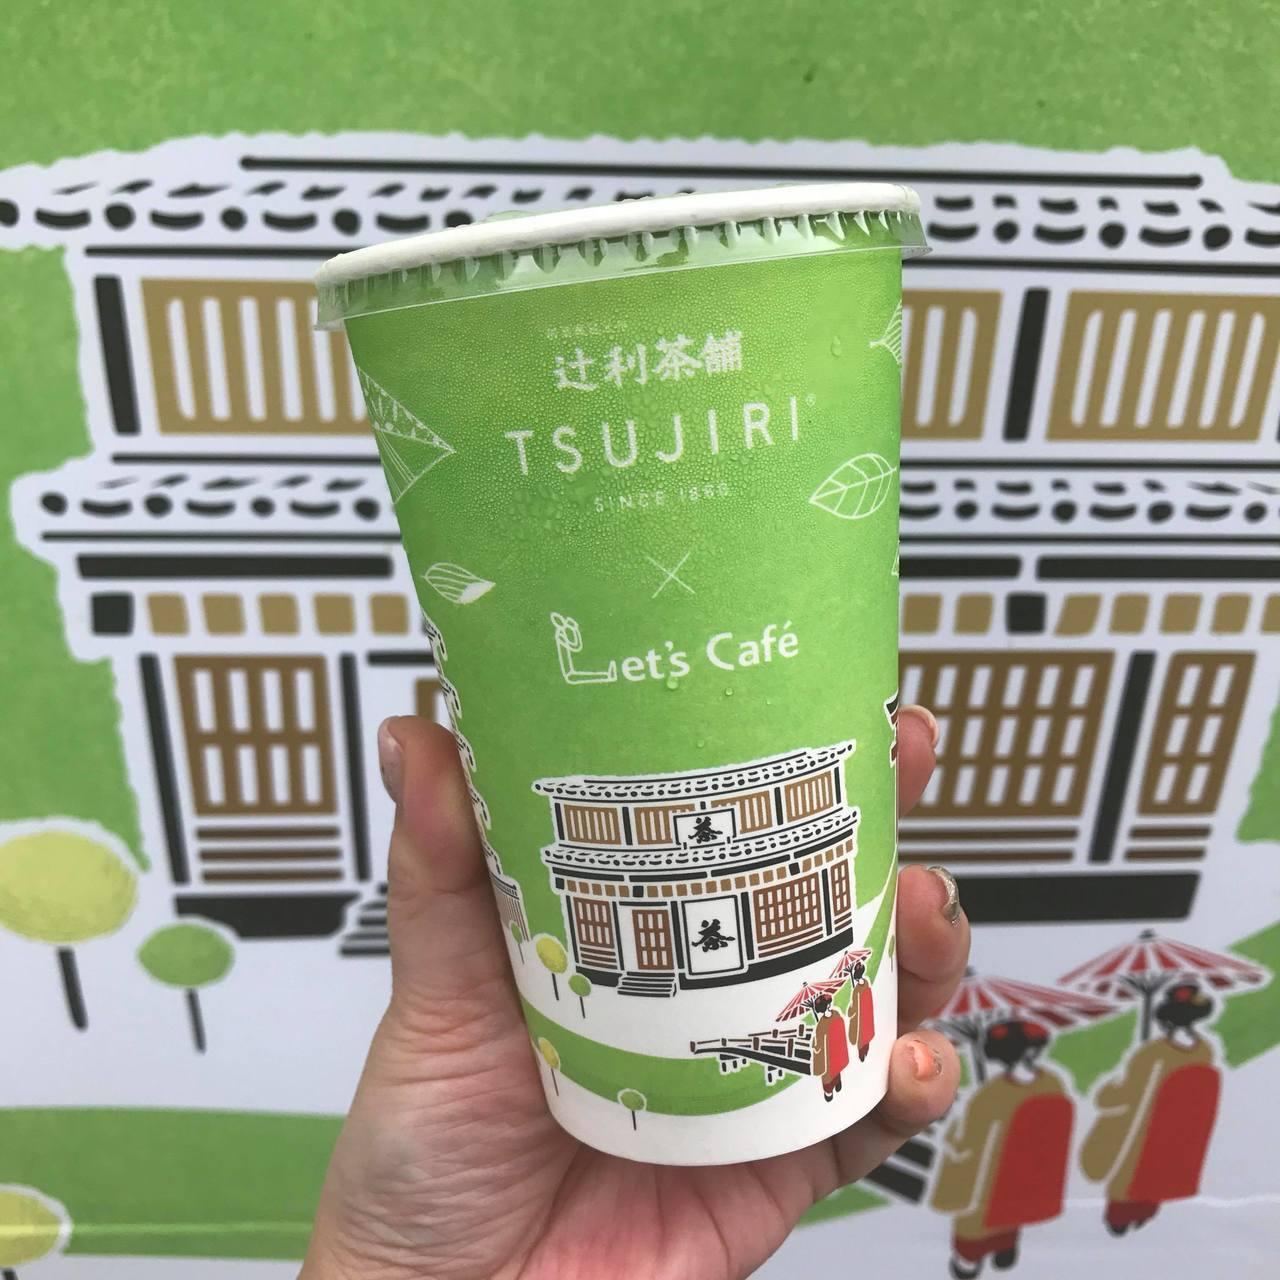 辻利黑豆玄米抹茶拿鐵採用百年老舖辻利抹茶粉,更特別加入台灣在地玄米粒與黑豆的細碎...